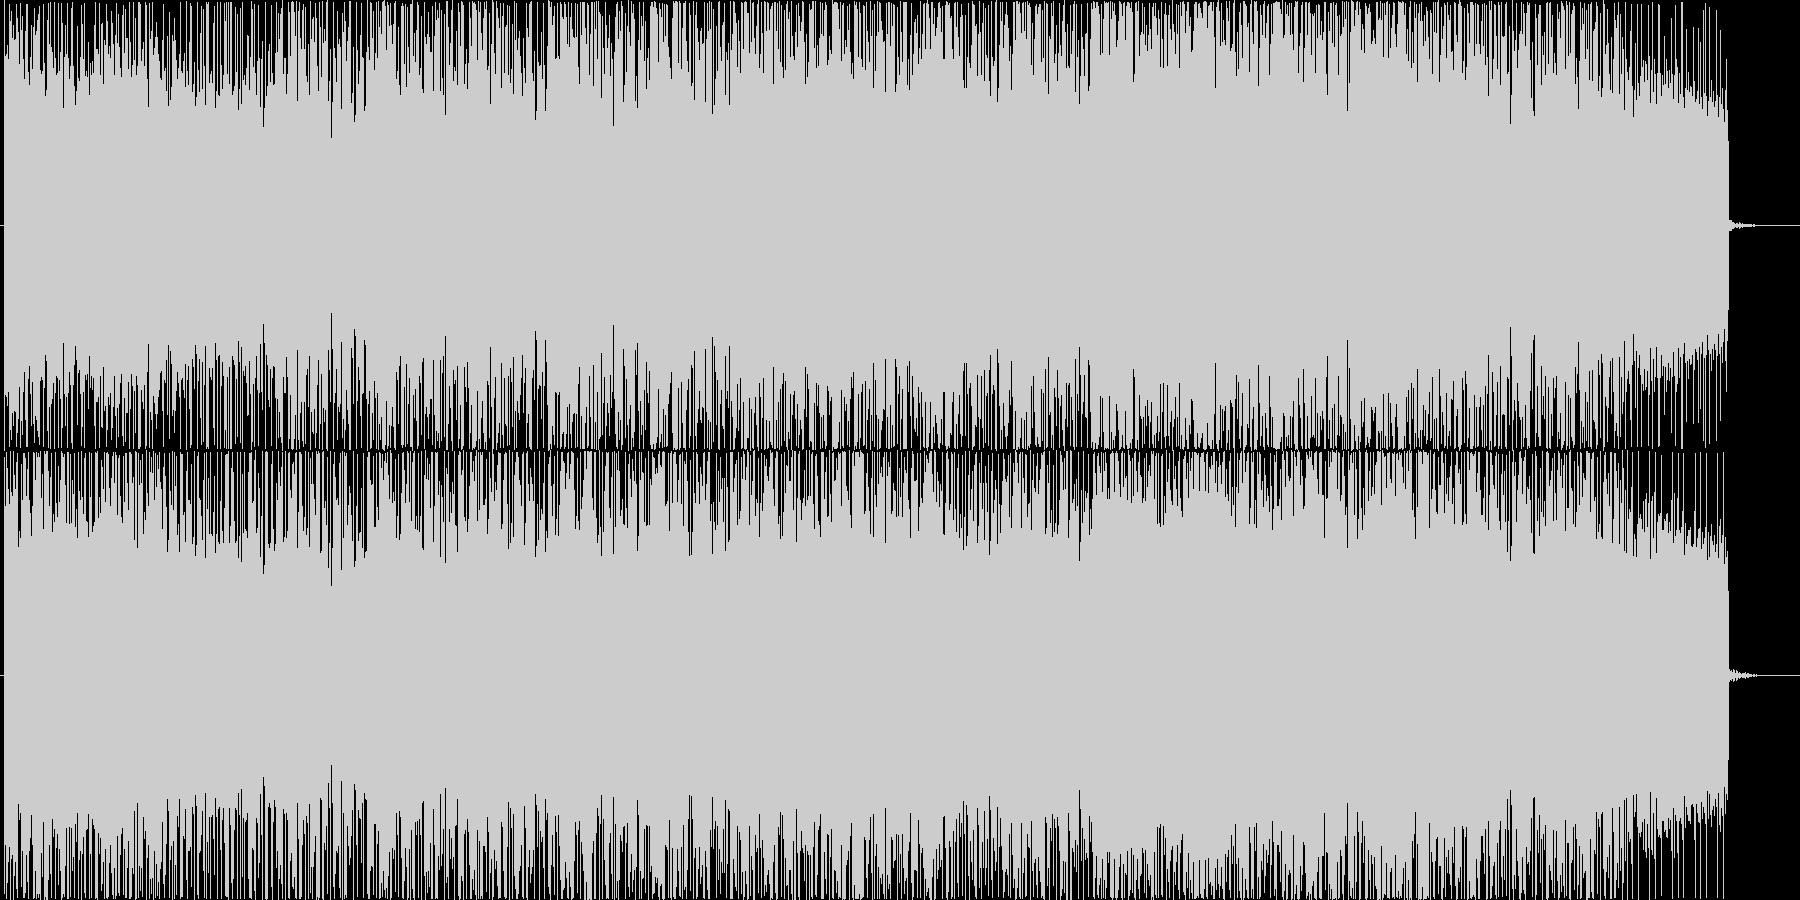 やわらかくて やさしい エレクトロニカの未再生の波形